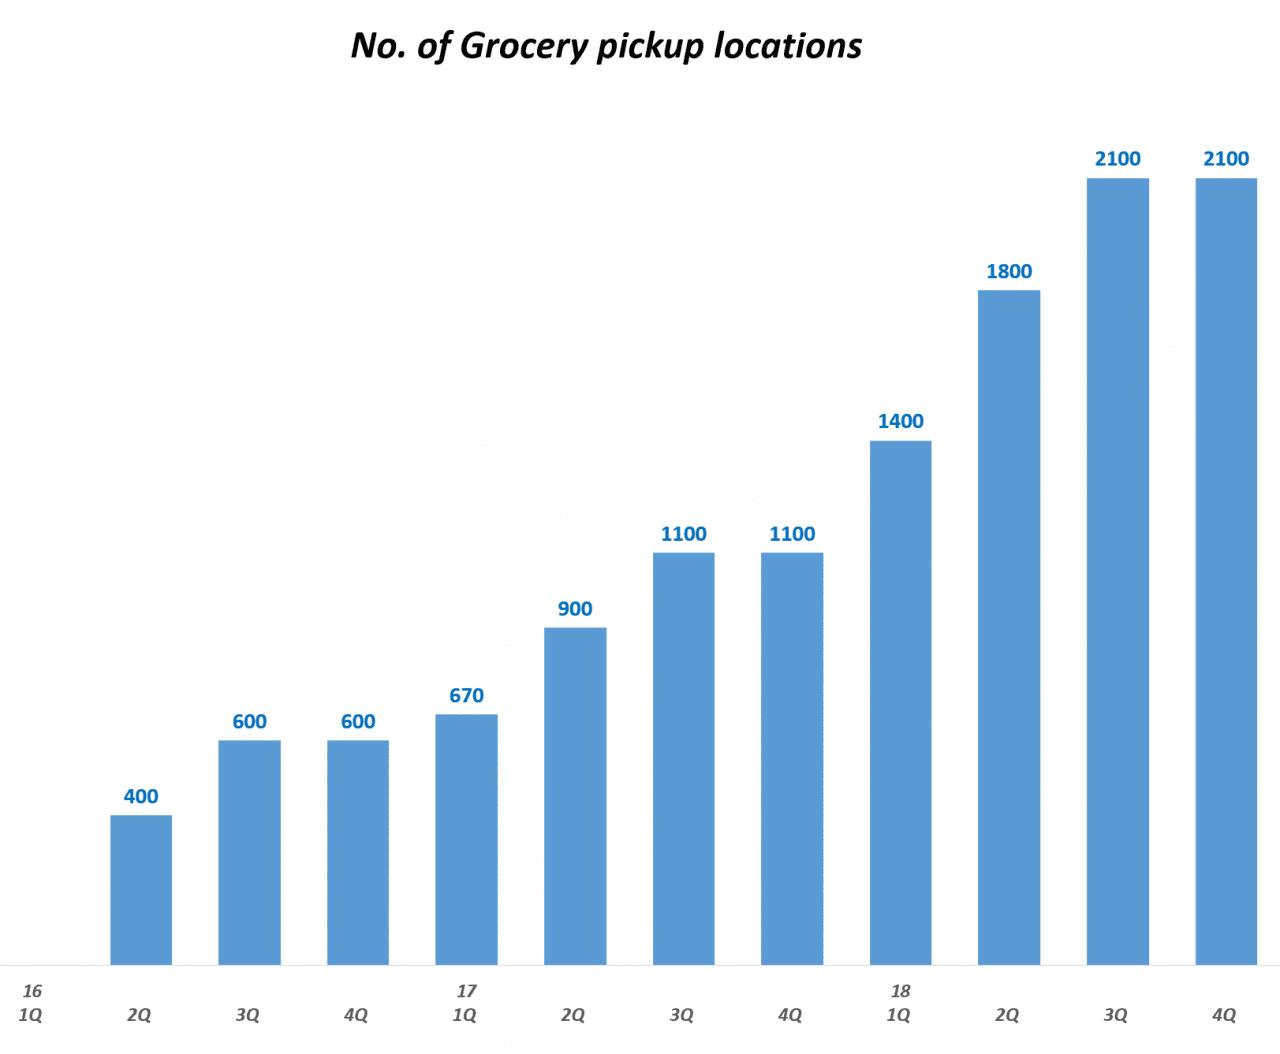 월마트 그로서리 픽업 장소 증가 추이, No. of Grocery Pickup Locations, Graph by Happist